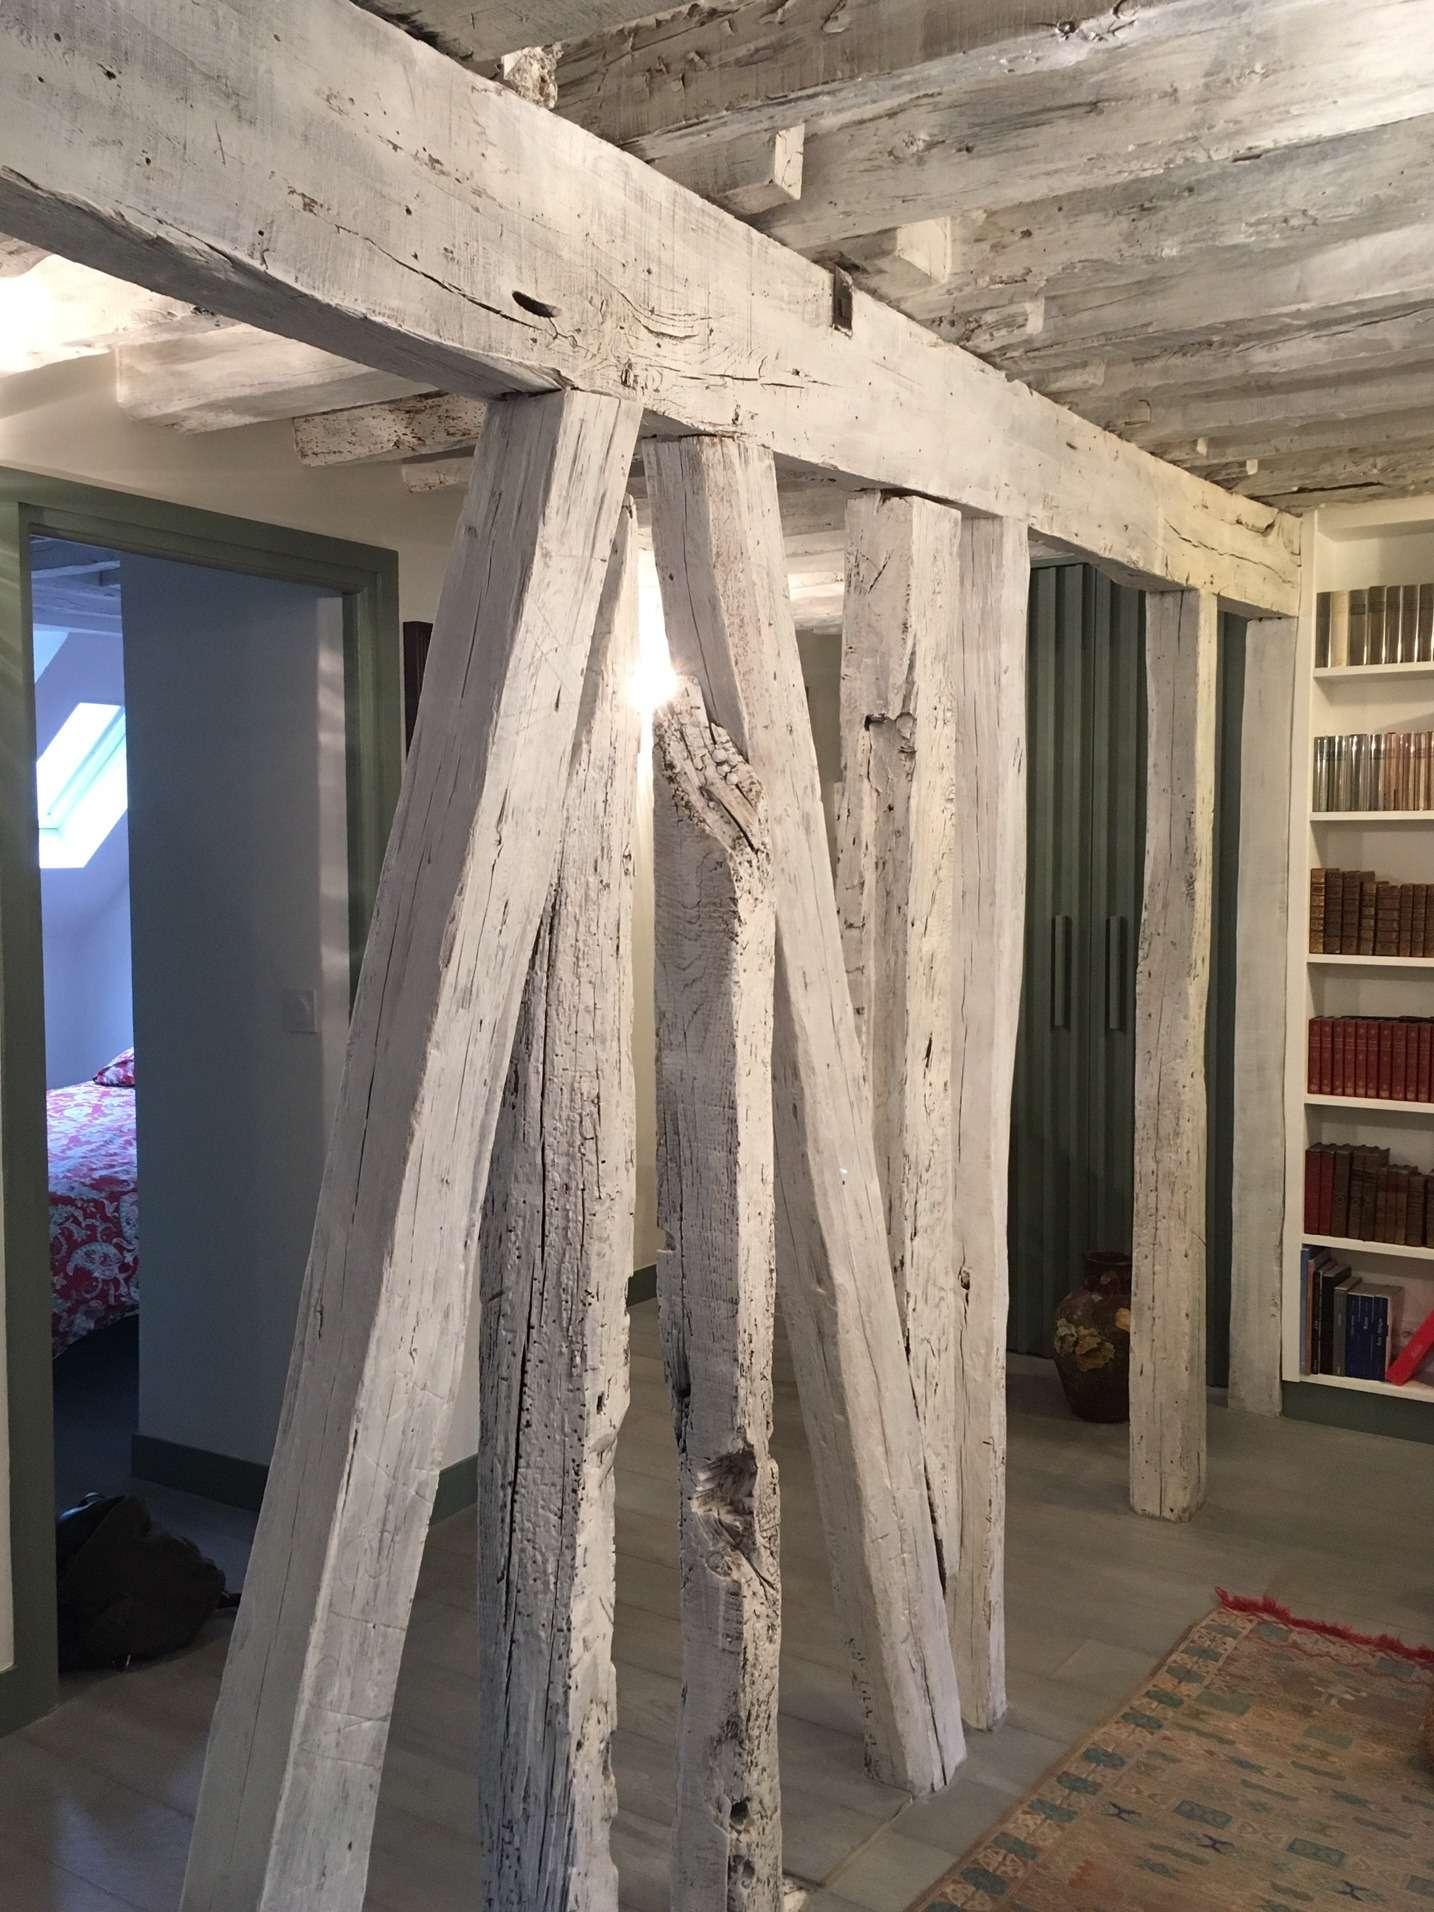 La structure mise à nu est lasuré blanc